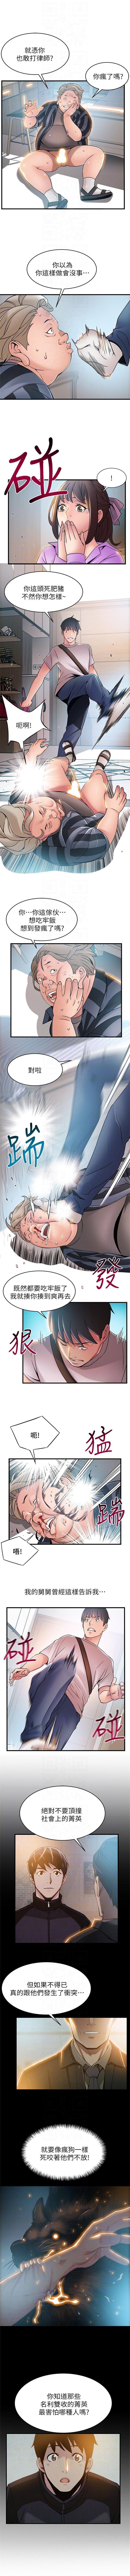 弱点 1-64 中文翻译(更新中) 216